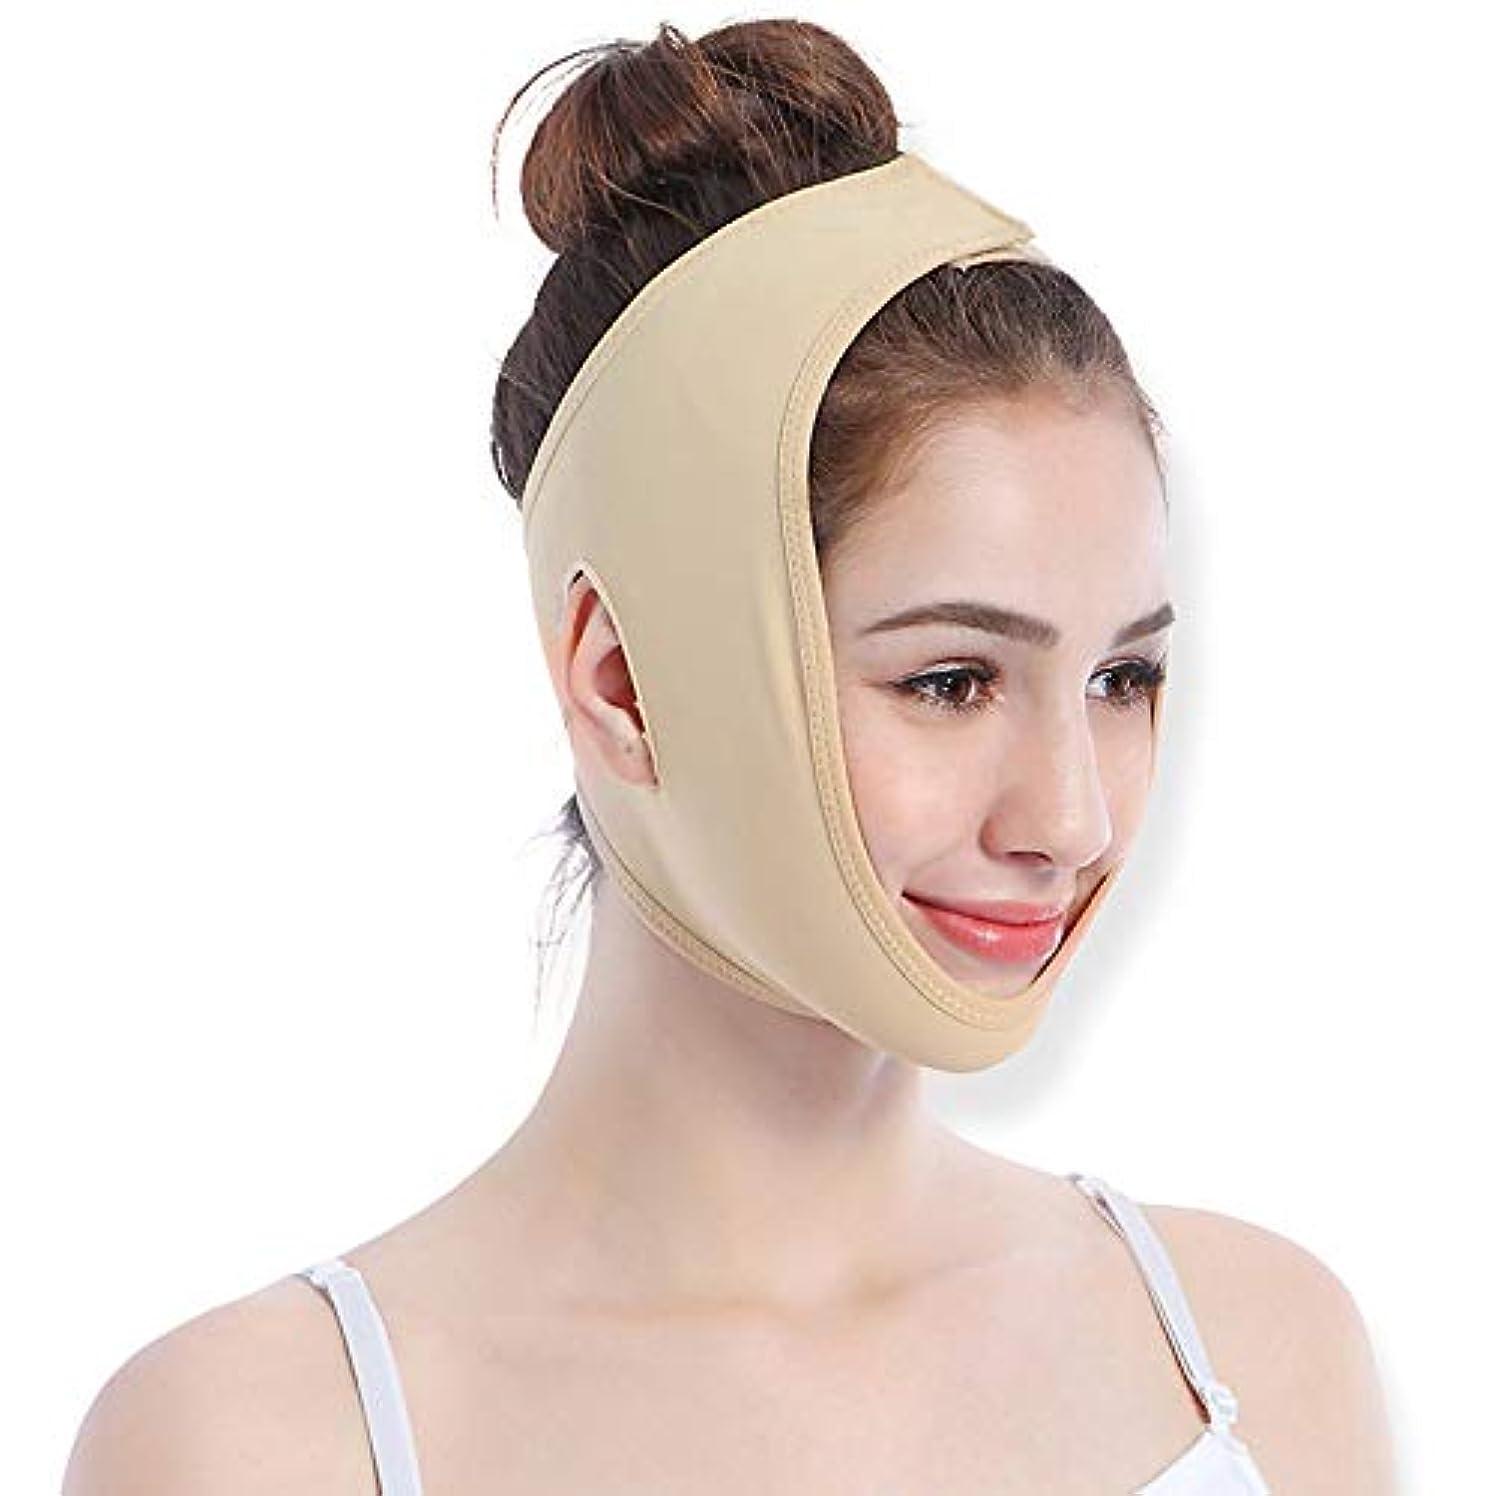 女優アーサーコナンドイル混乱させる顔の重量損失通気性顔マスク睡眠 V 顔マスク顔リフティング包帯リフティング引き締めフェイスリフティングユニセックス,S